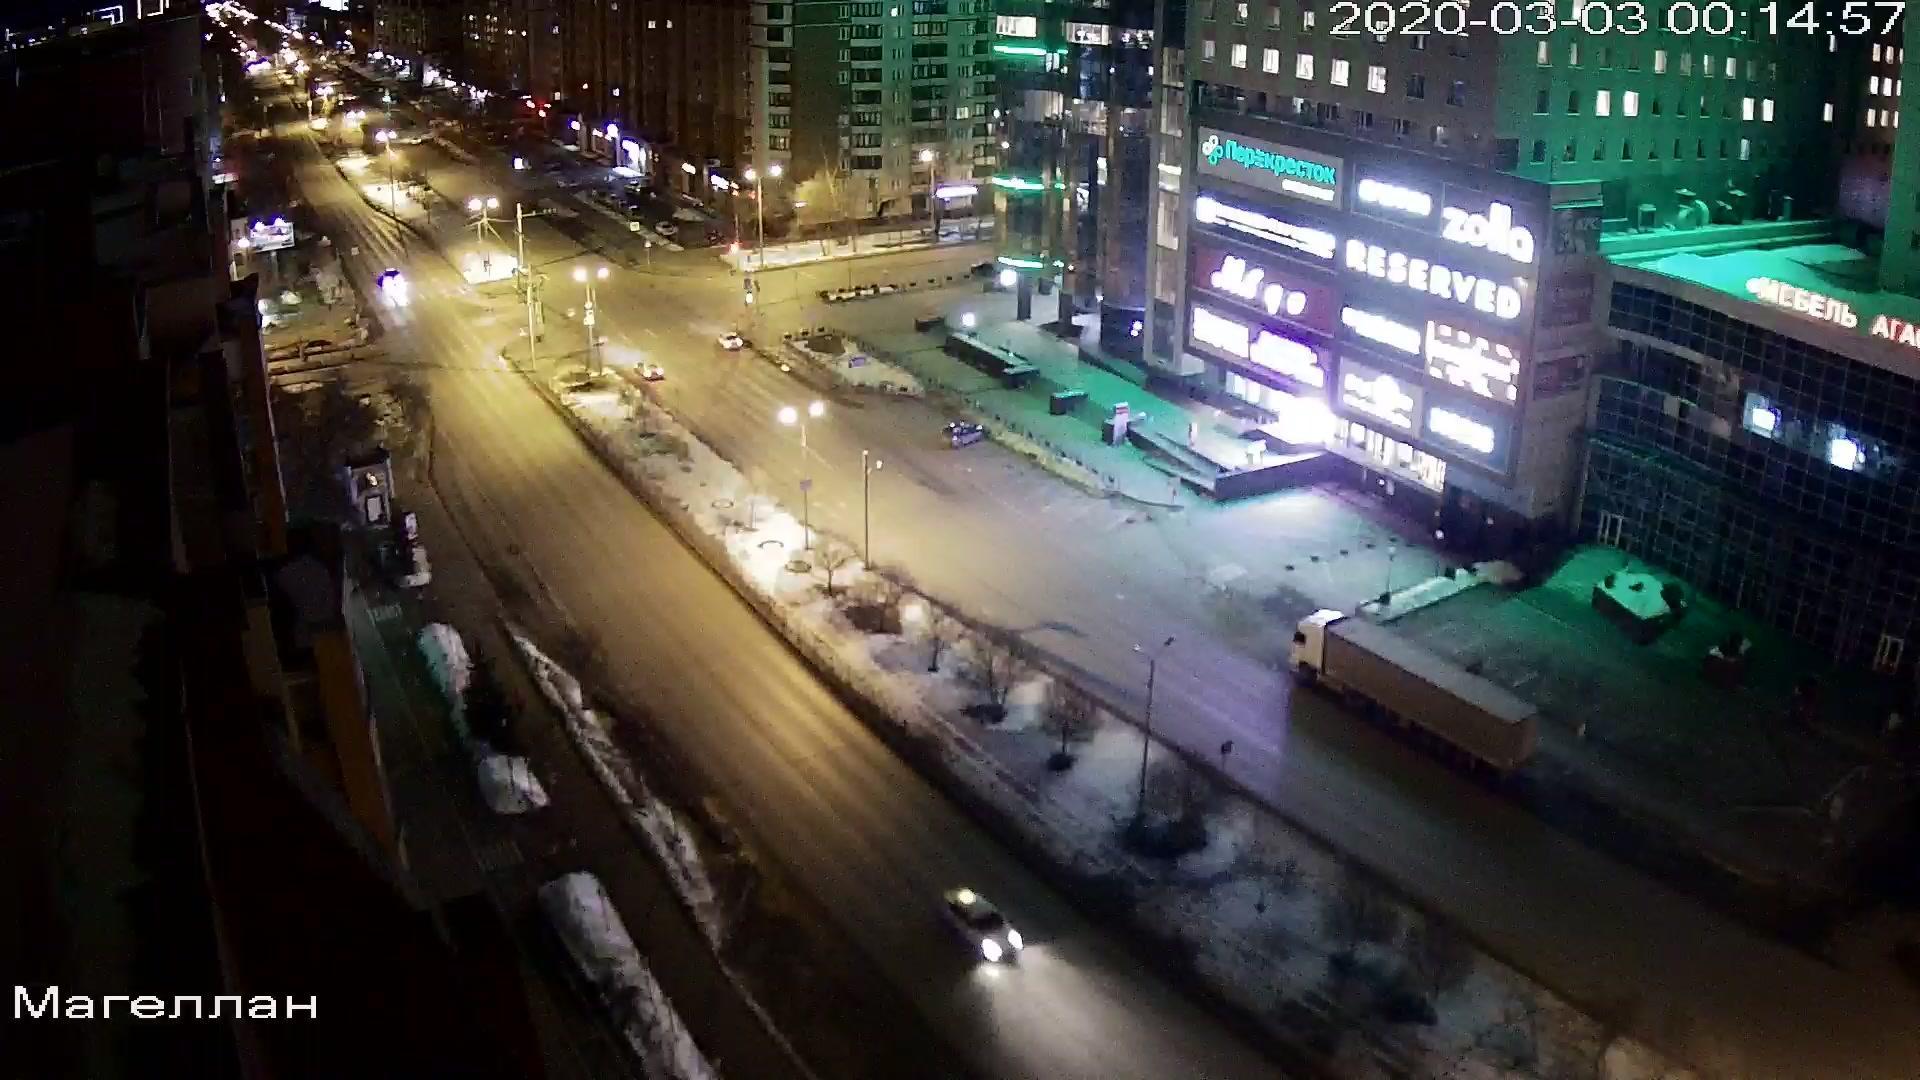 Webkamera Tyumen: ТГК Магеллан